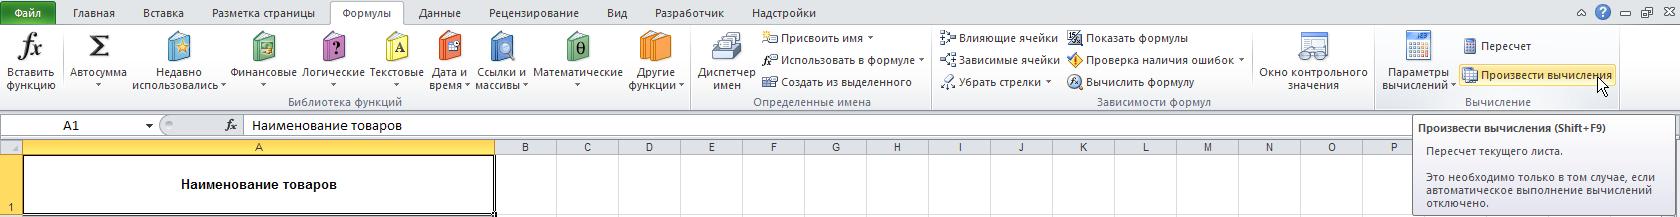 Excel: Лента - Формулы - Вычисление - Произвести вычисления